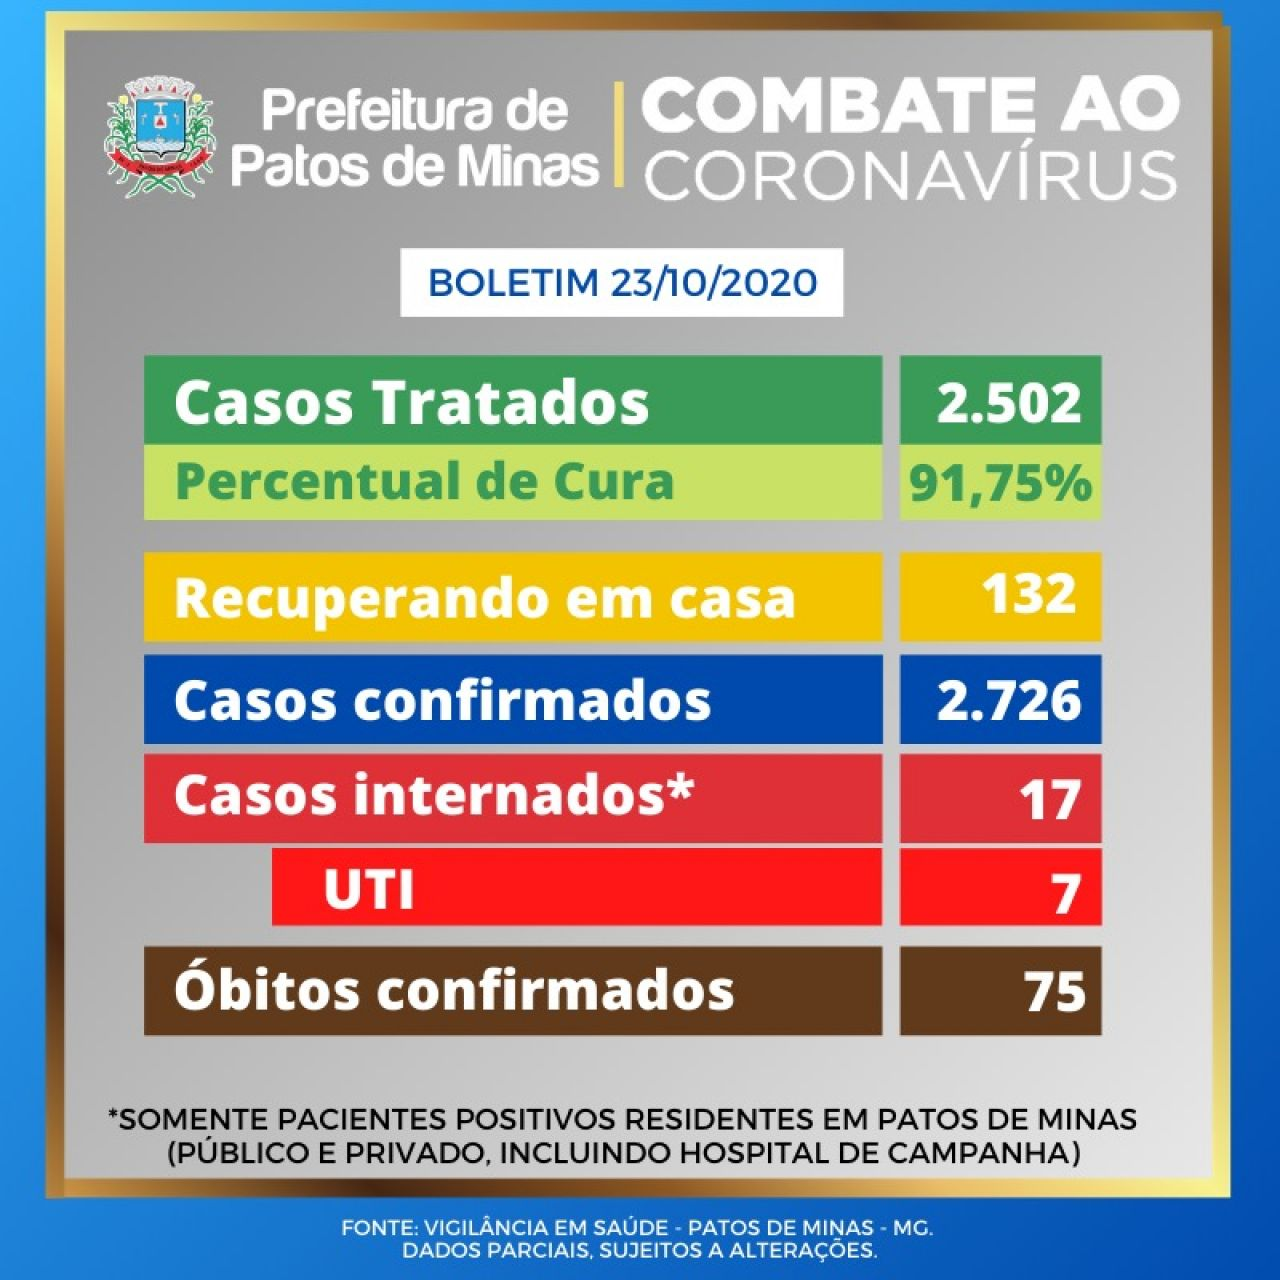 Covid-19: boletim epidemiológico informa 17 novos casos e 1 óbitos confirmado nas últimas 24 h